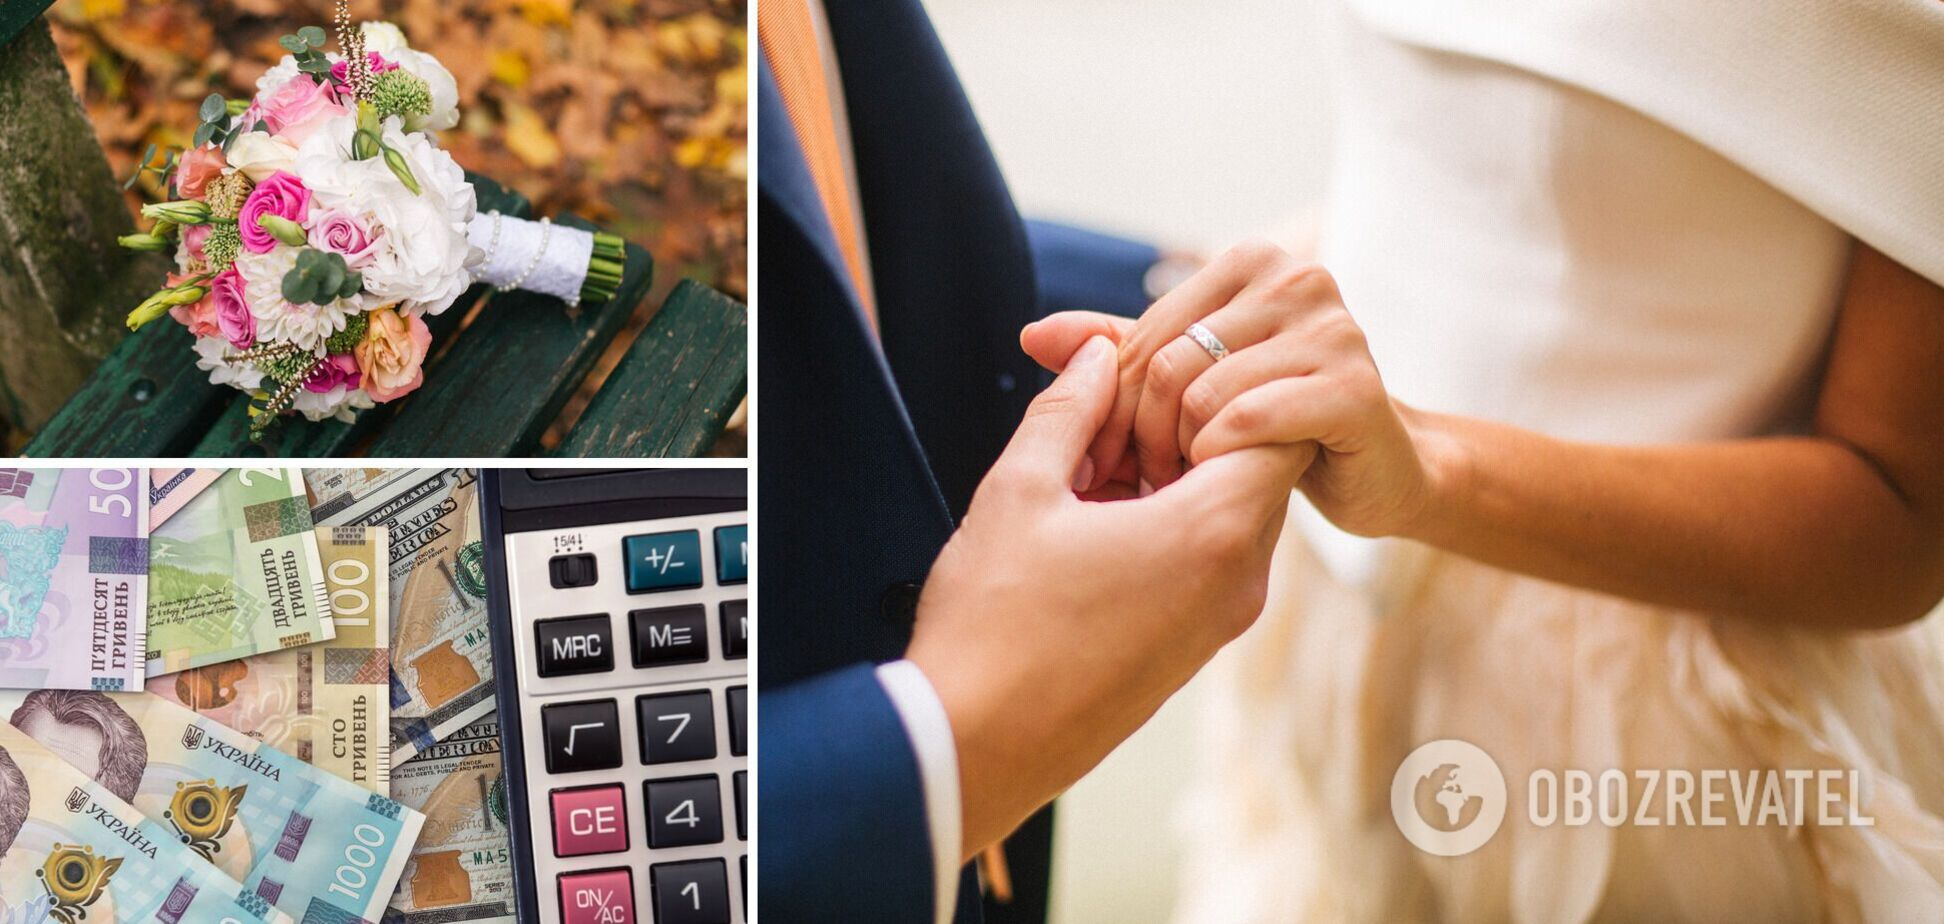 Цены на свадьбы в Украине растут, но молодожены не экономят